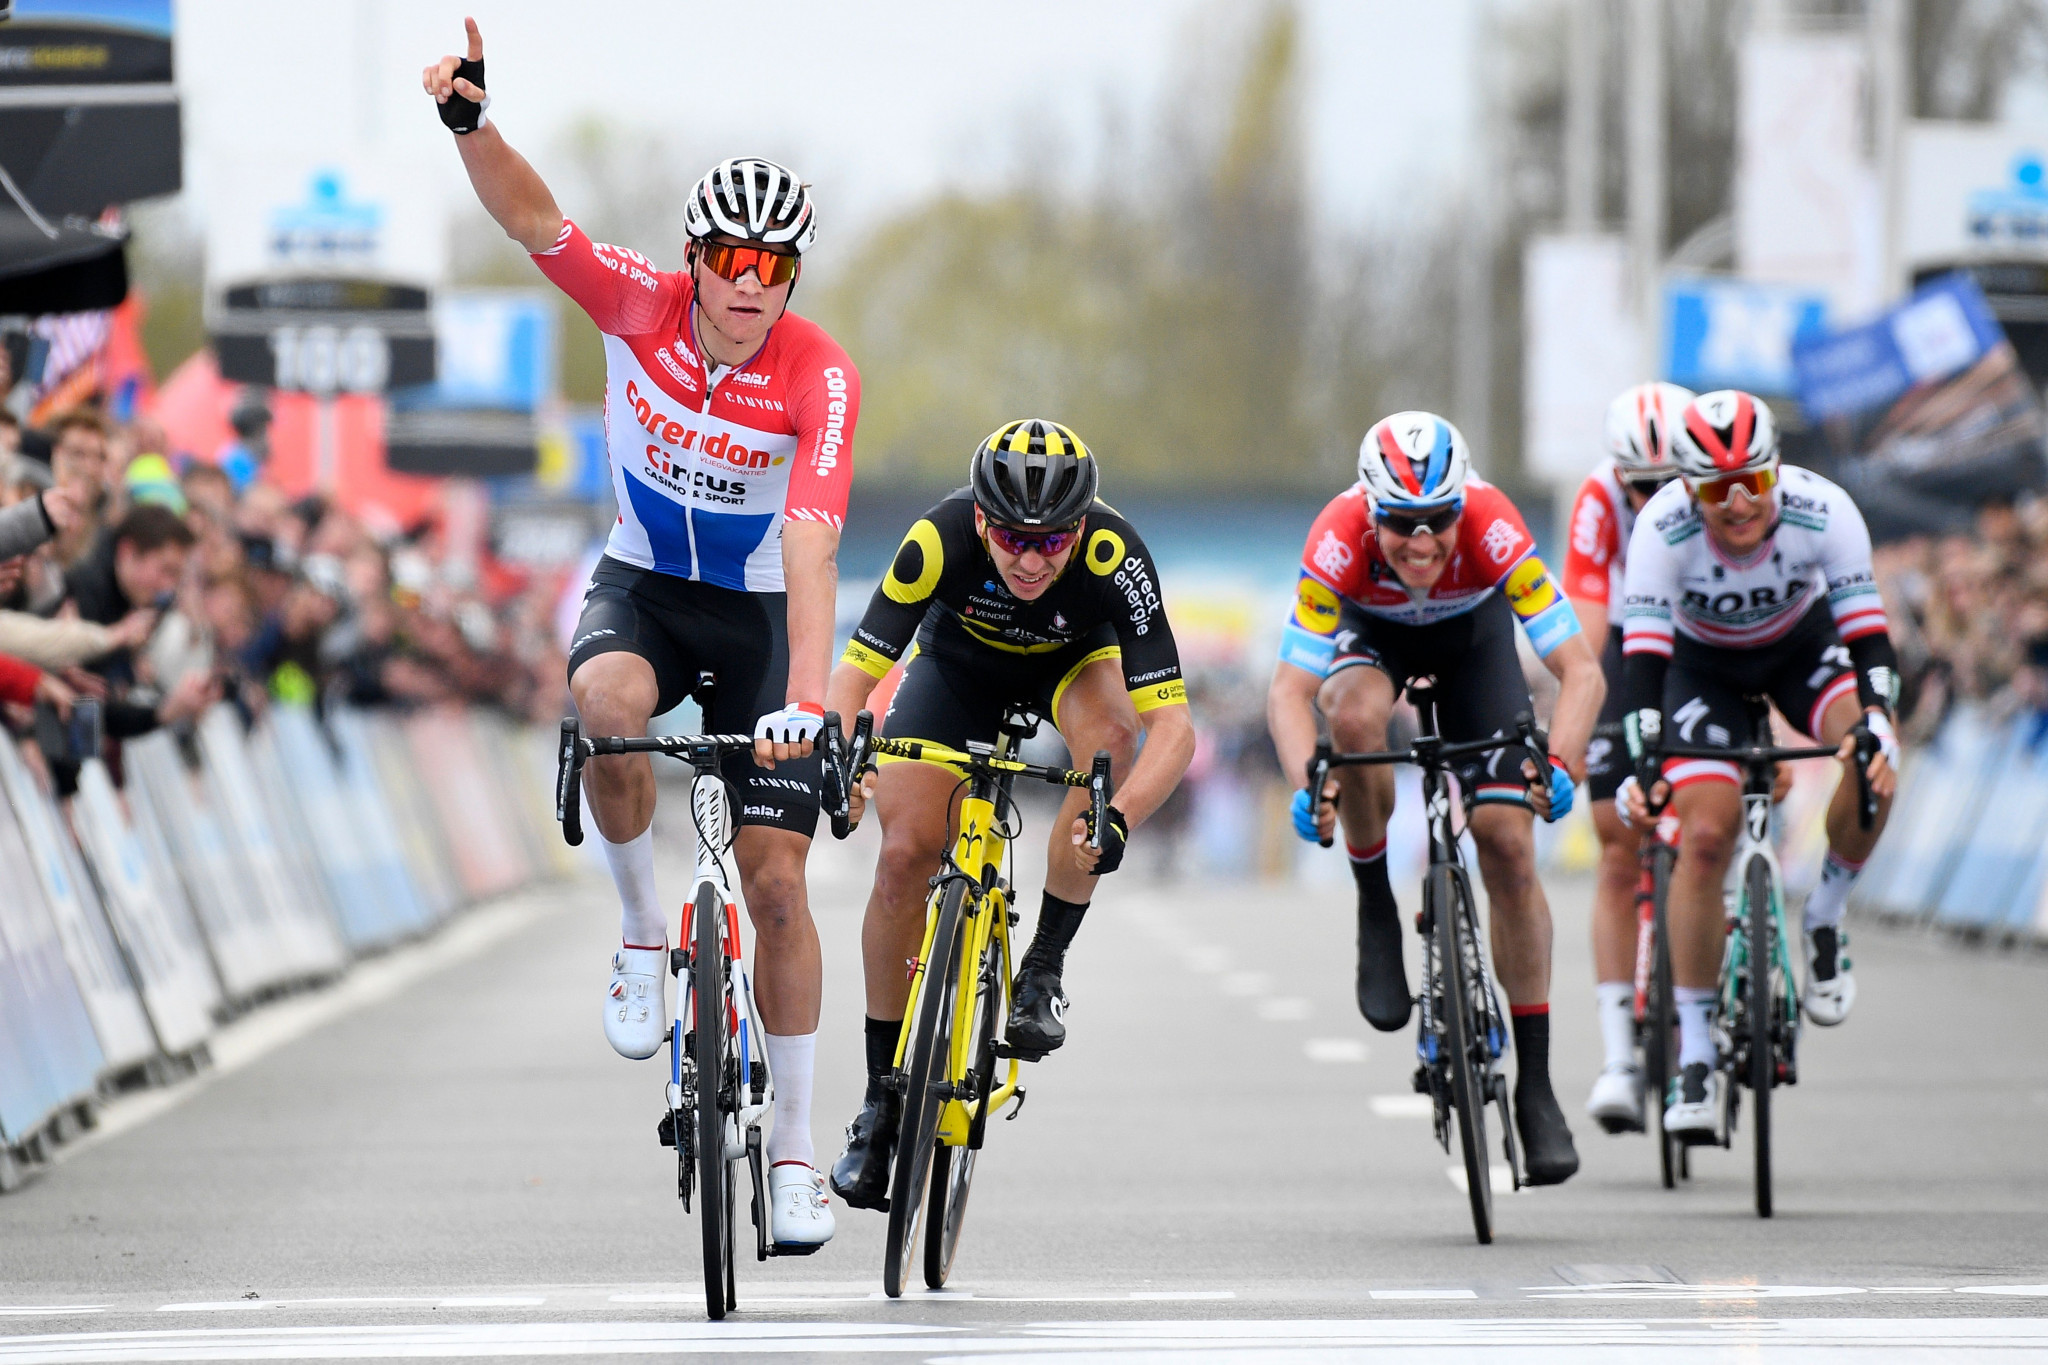 Van der Poel clinches maiden UCI WorldTour triumph at Dwars door Vlaanderen